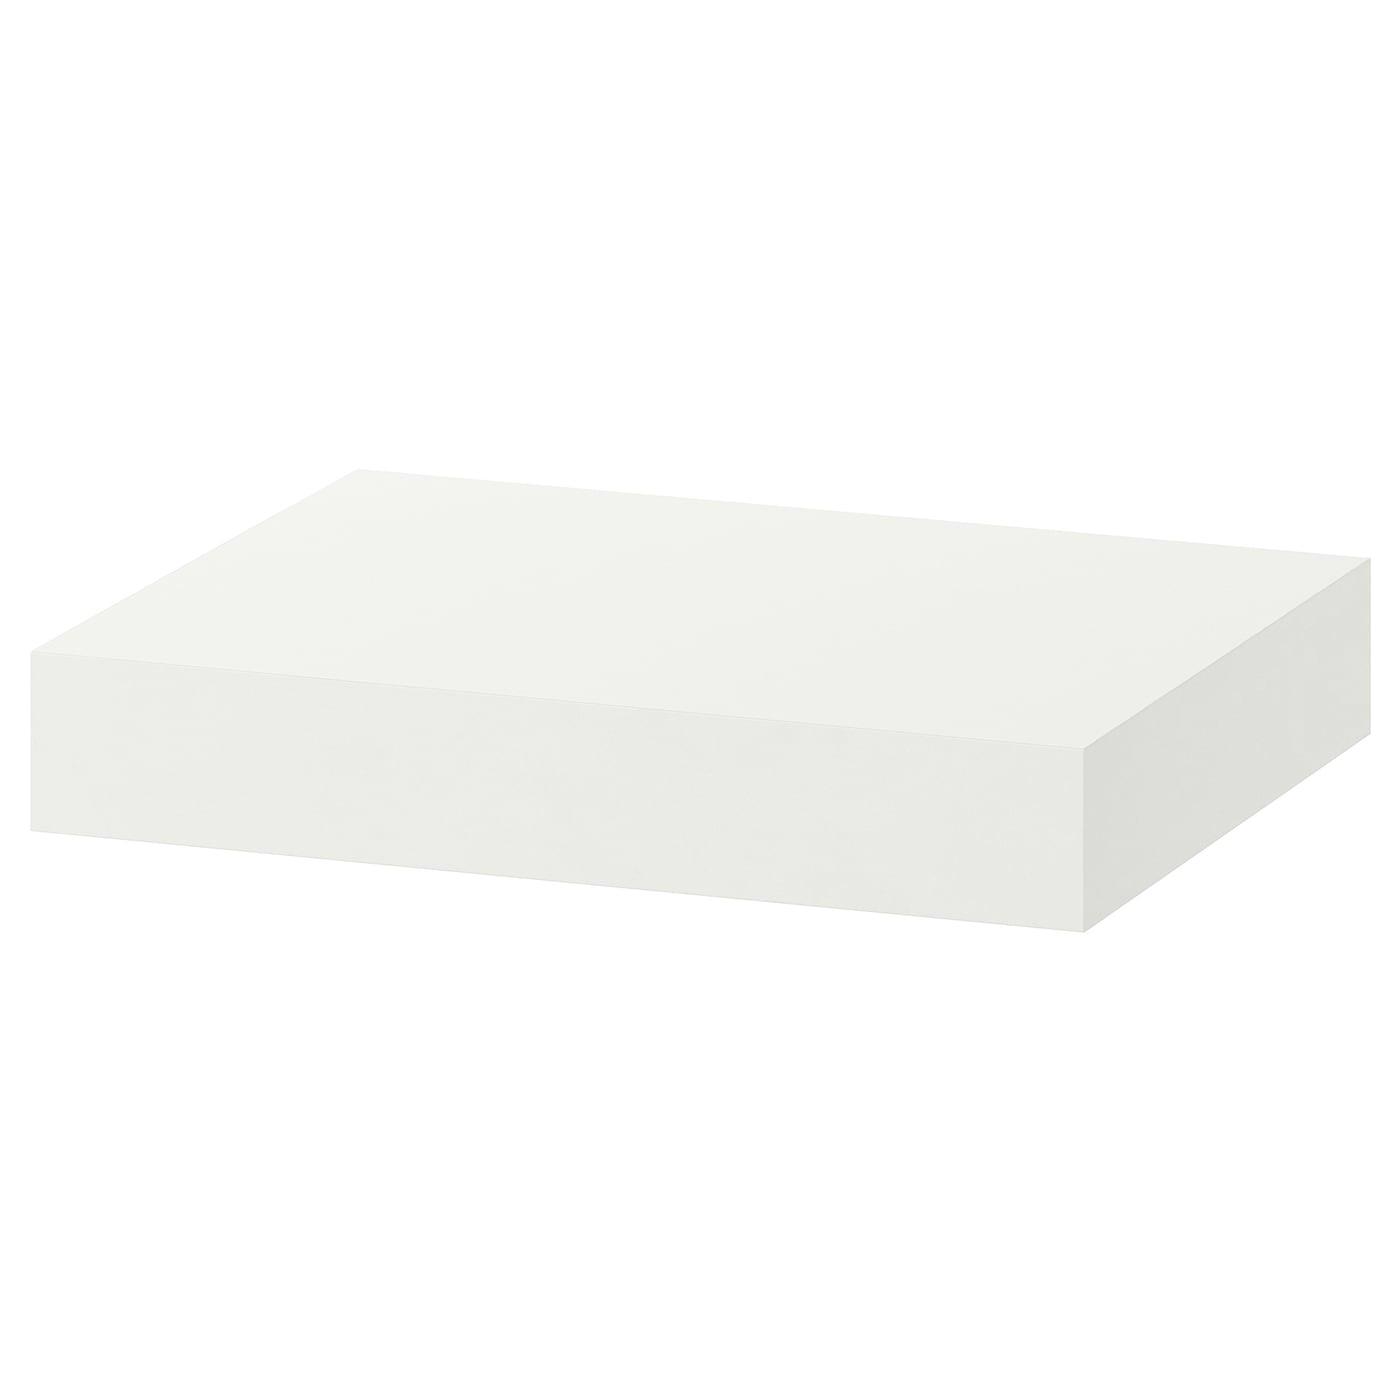 Mensole In Legno Ikea ikea mensola lack 30 x 26 cm nero condado.pe.gov.br